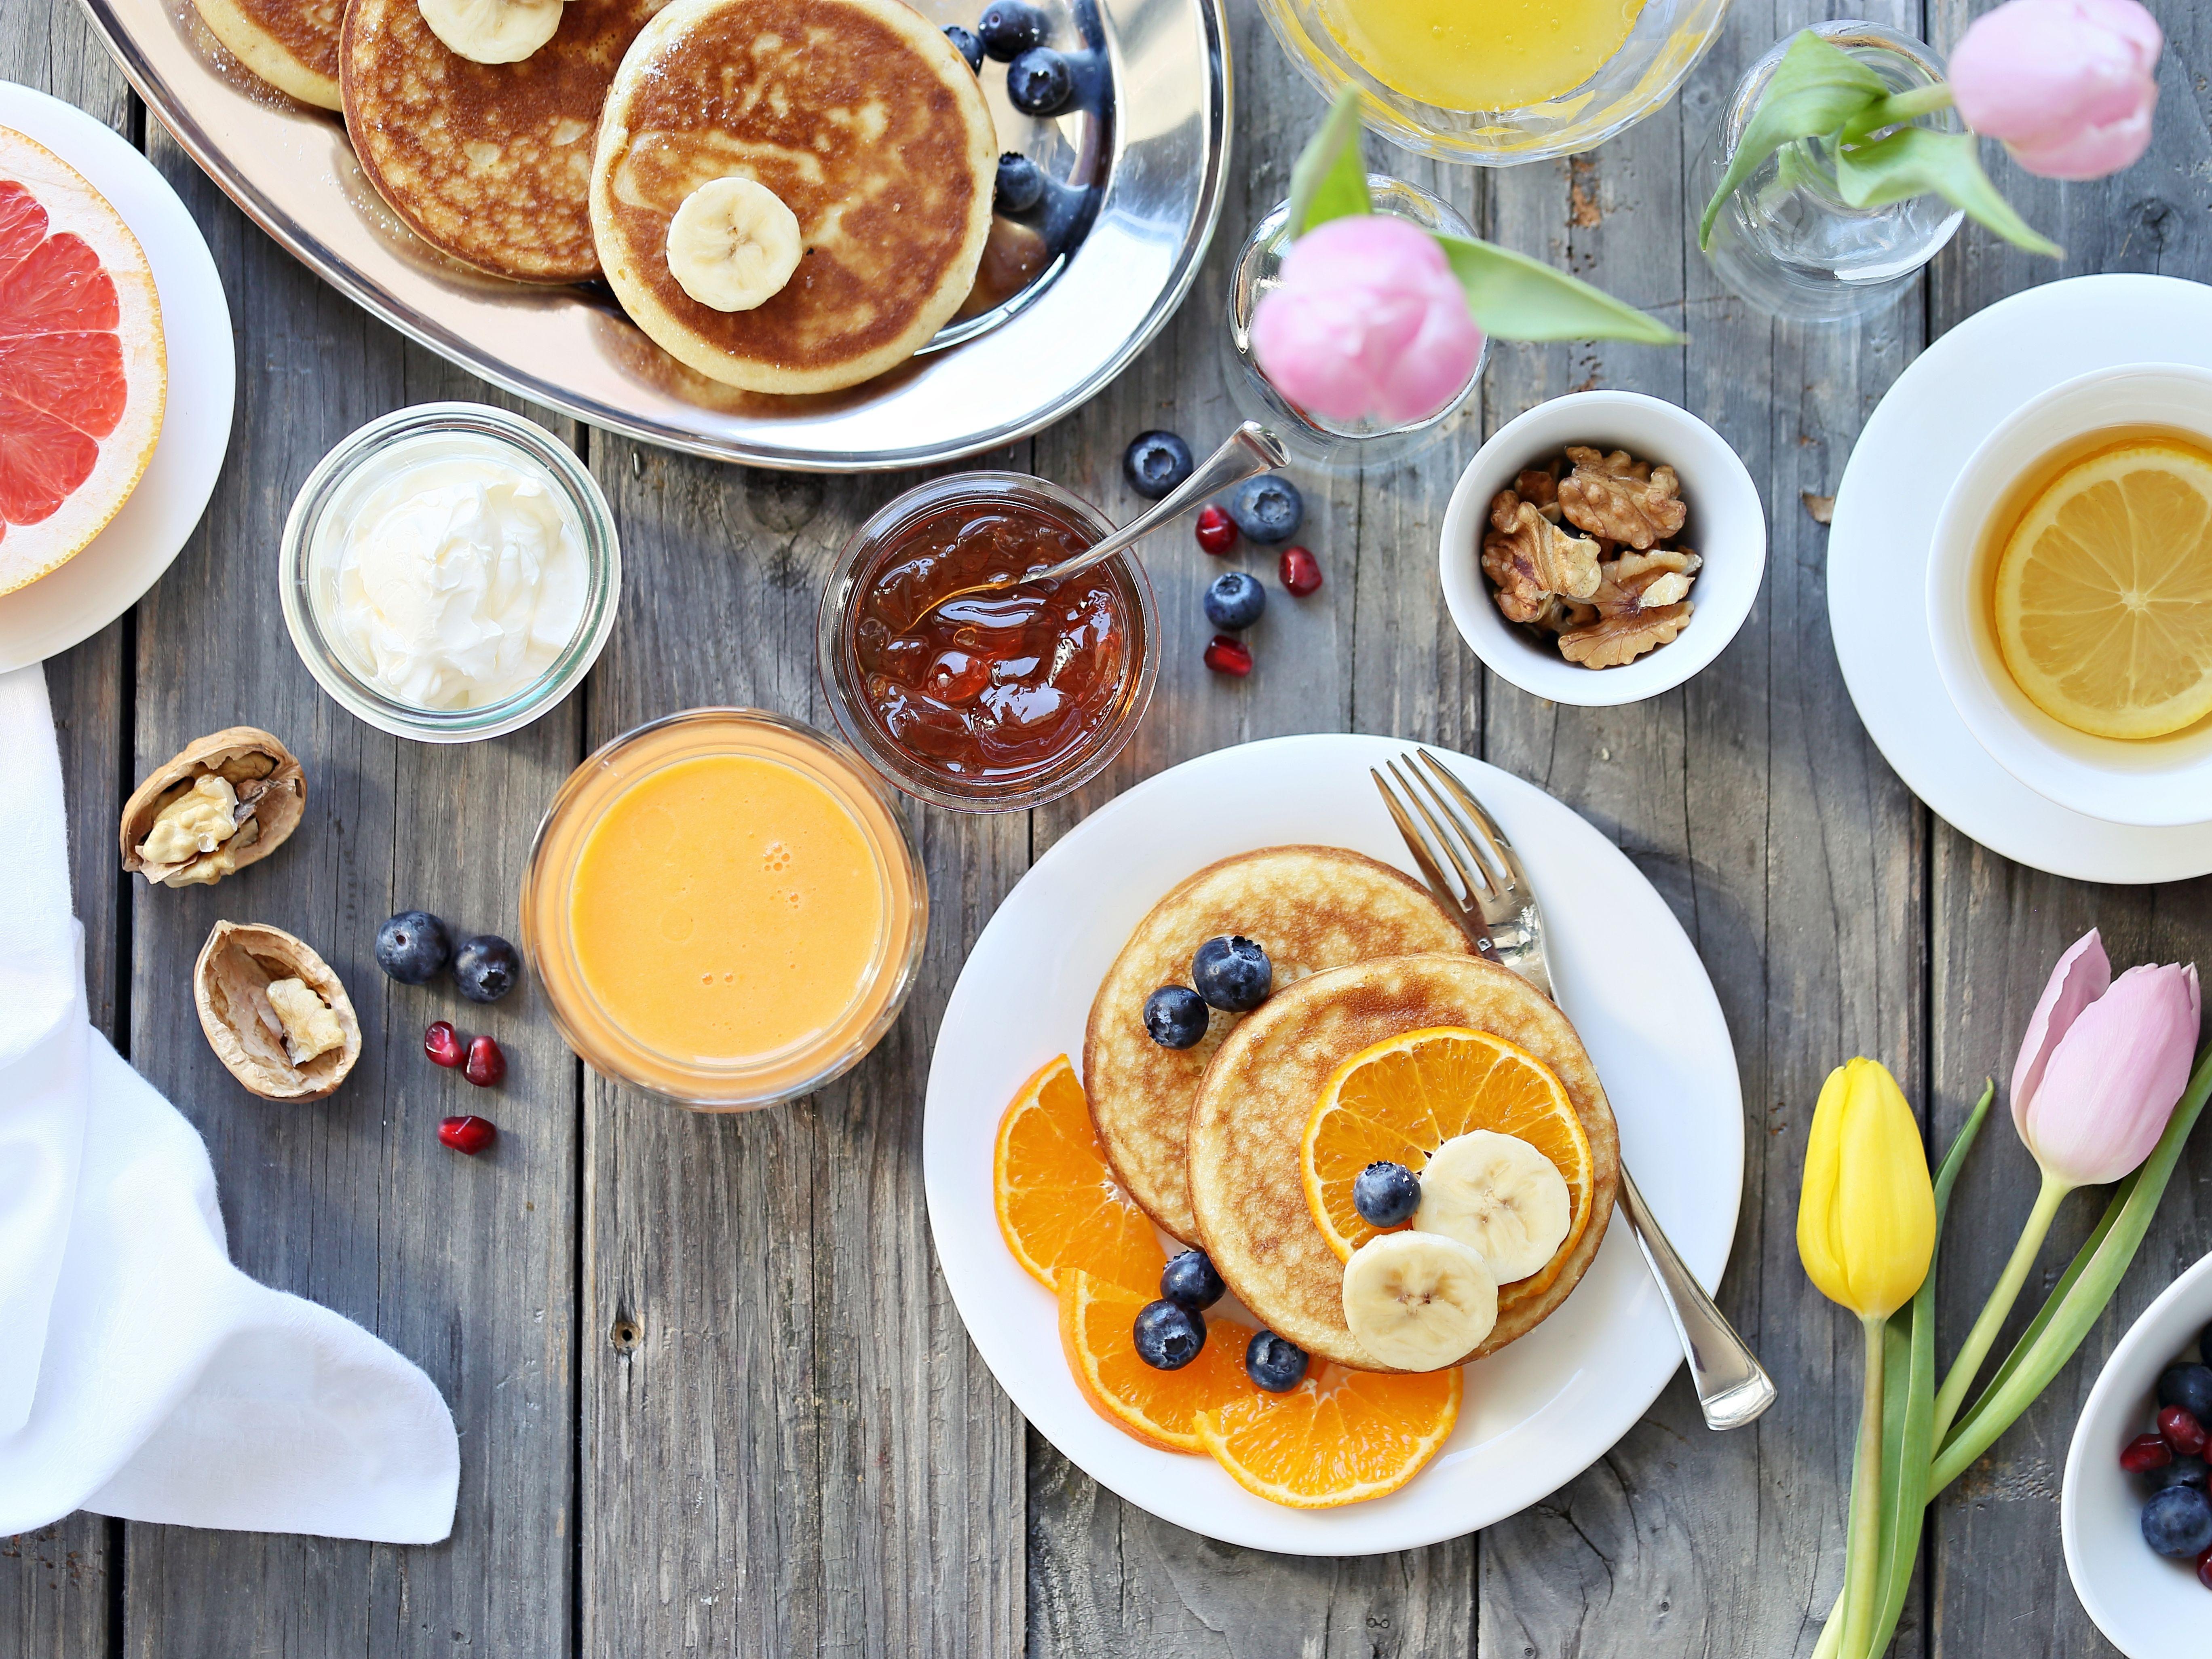 Faites un petit déjeuner / brunch 12 fait maison